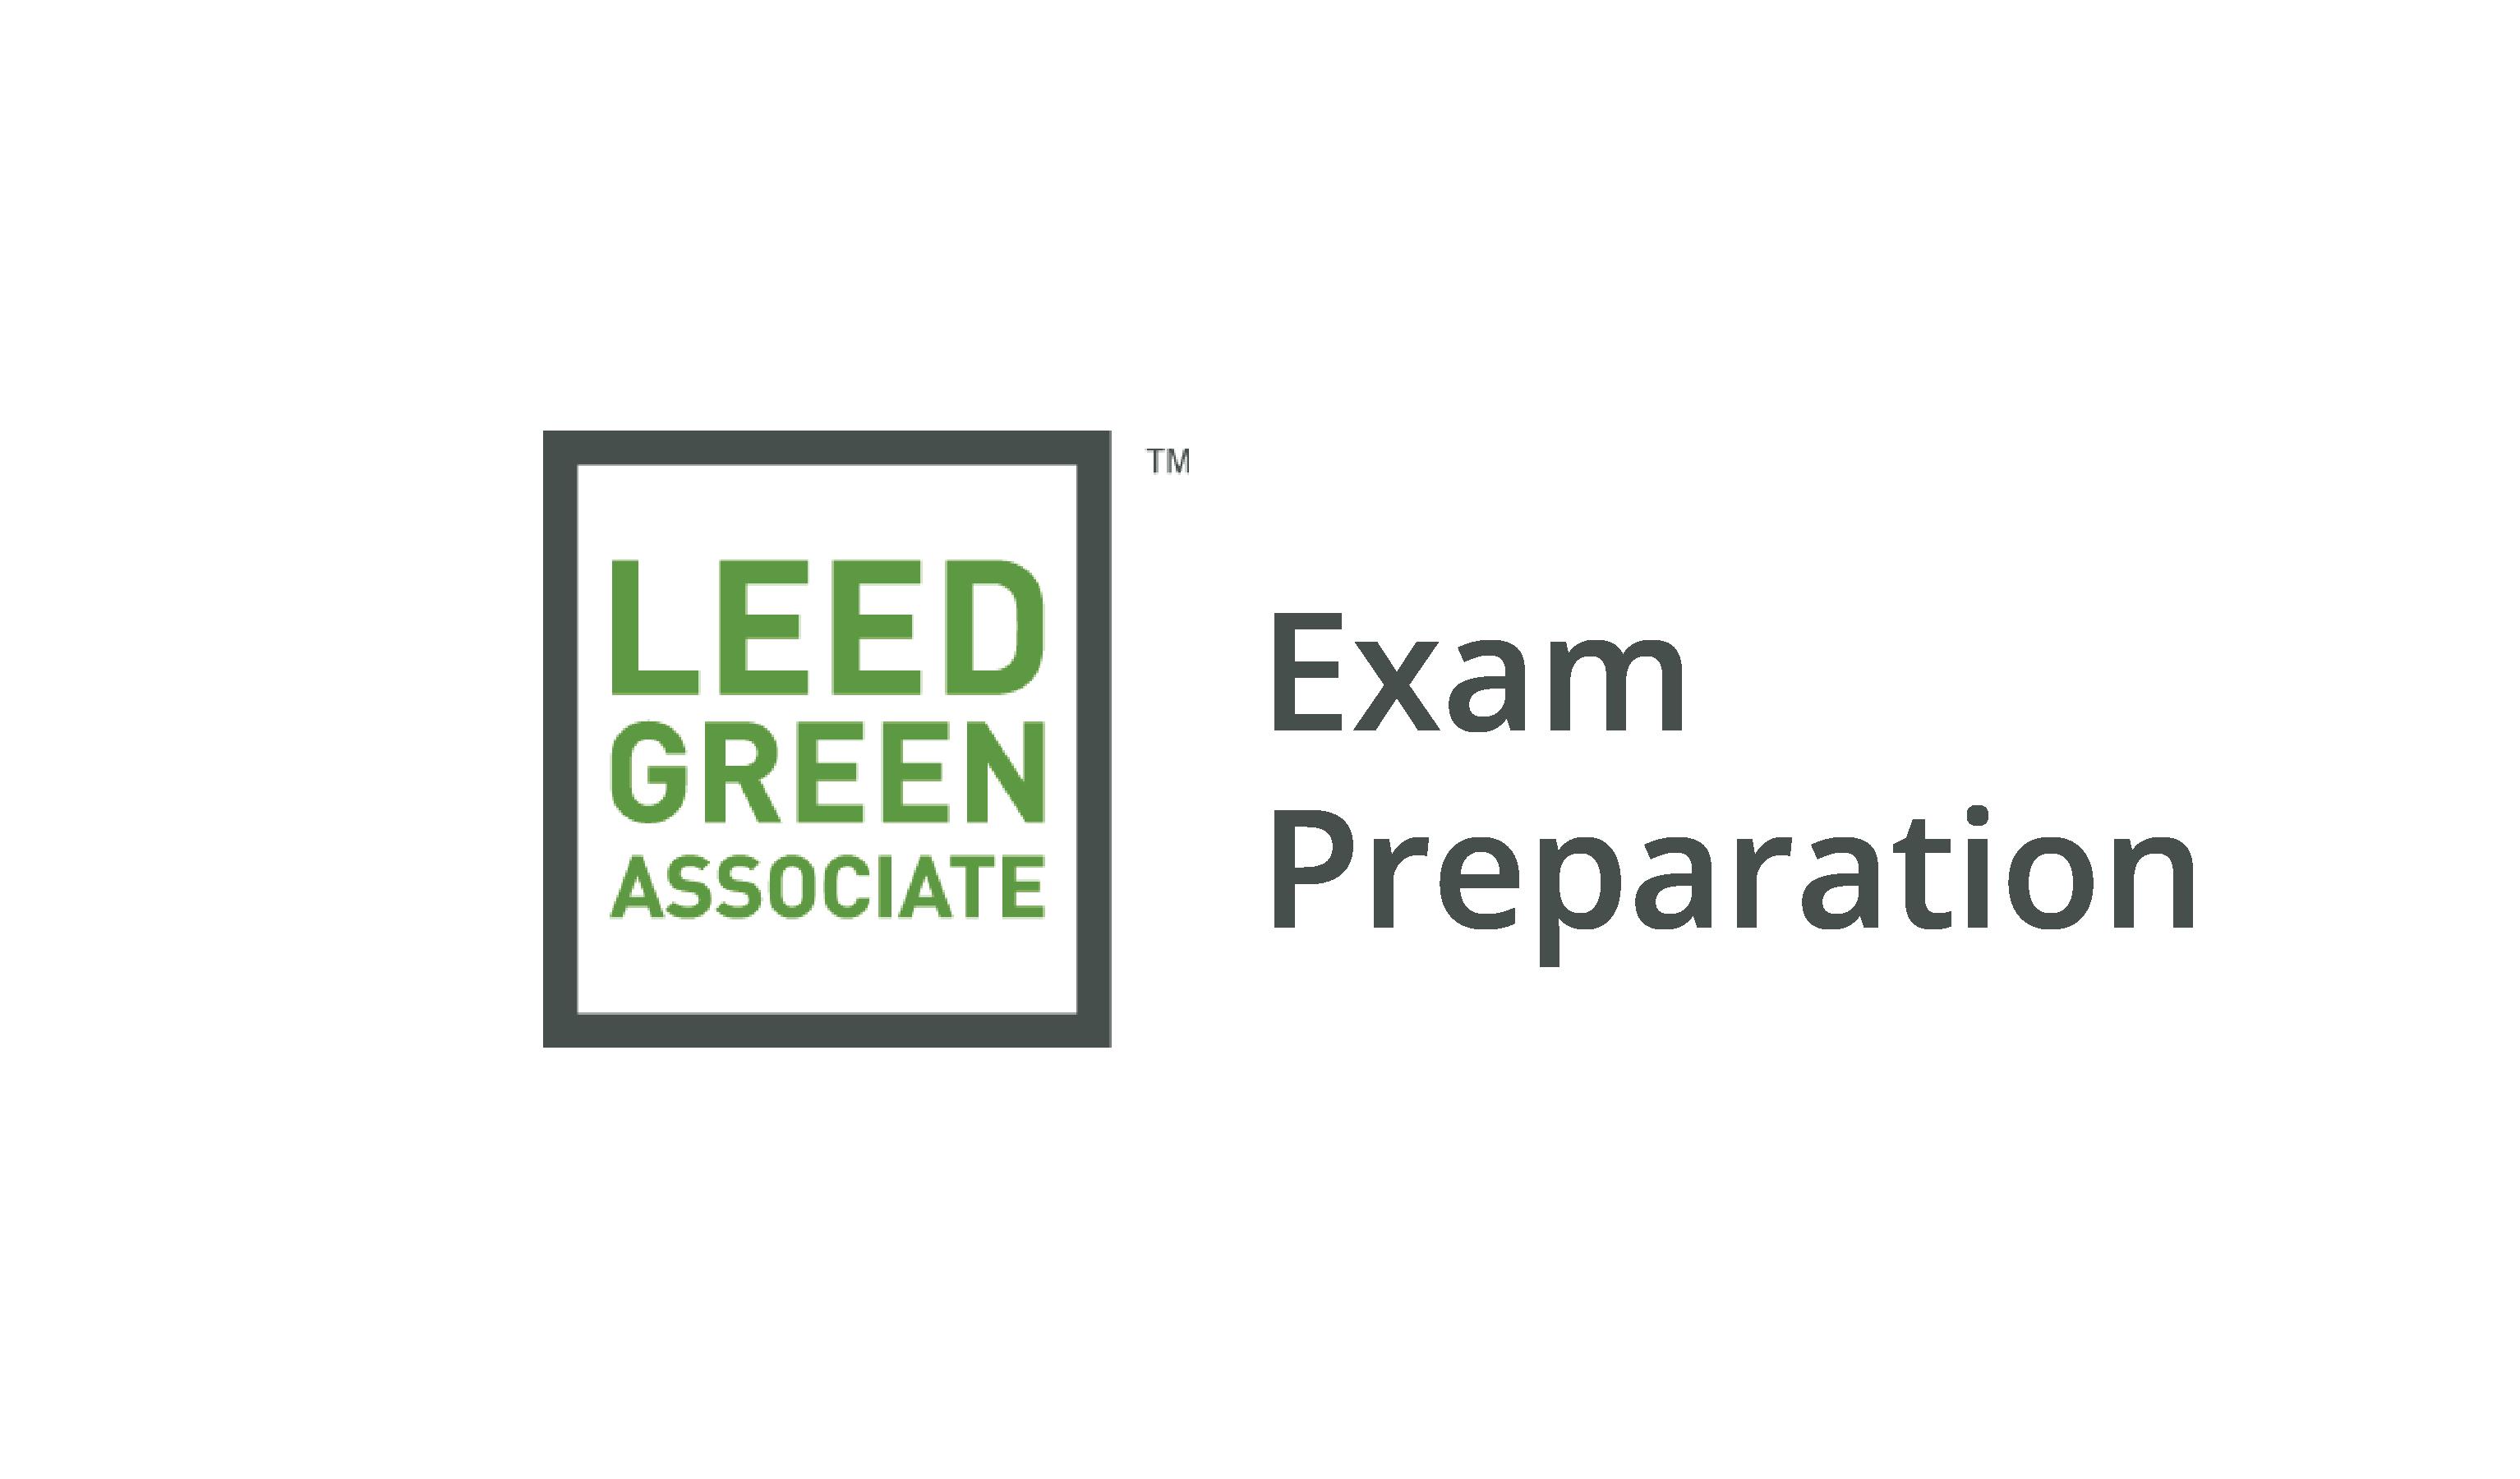 Green Ideas To Host A Live Leed Green Associate Training Seminar